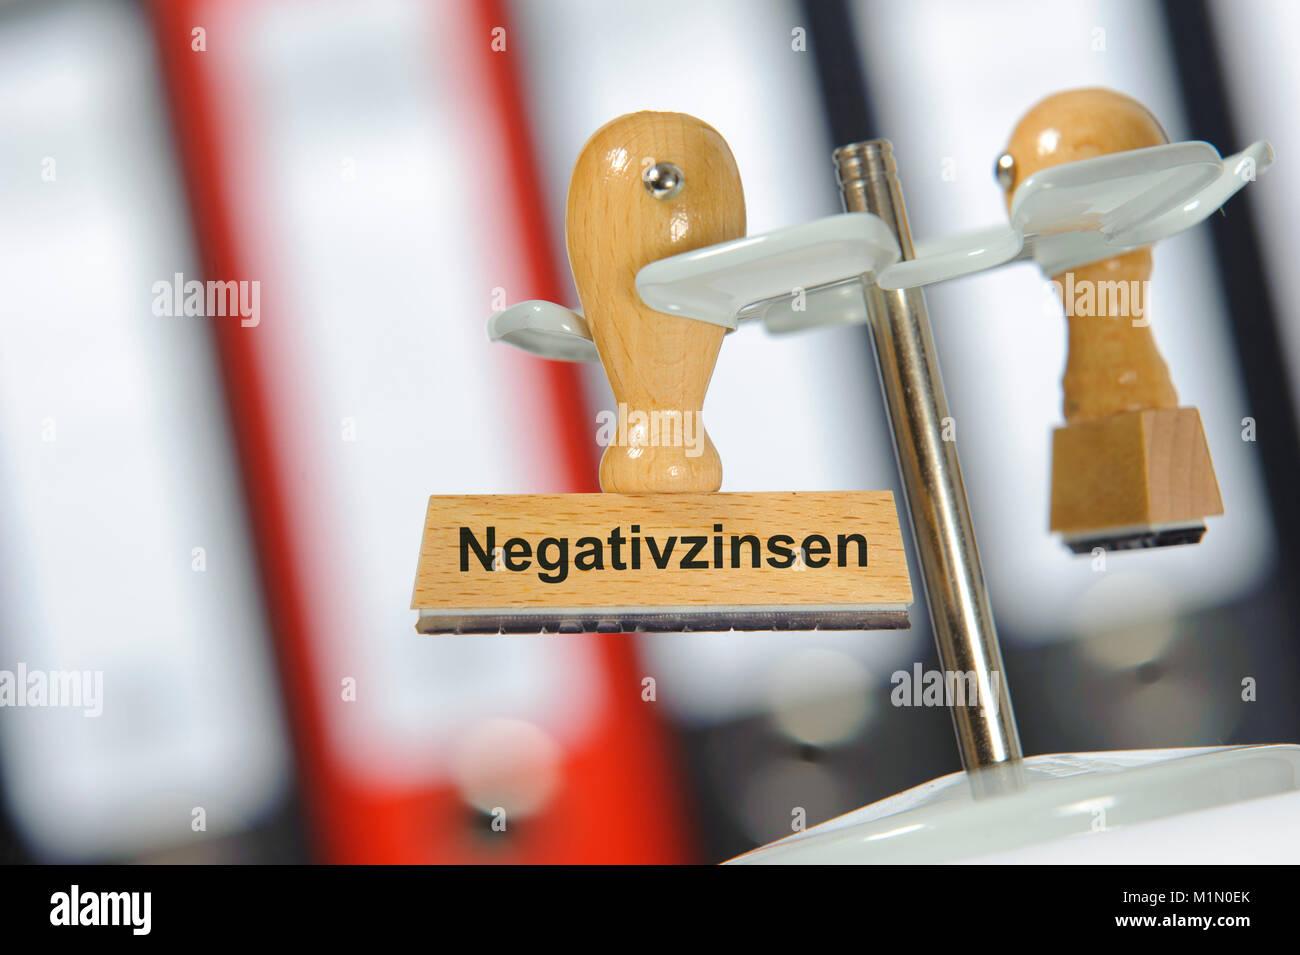 Minuszinsen und Negativzinsen auf Konto Stock Photo